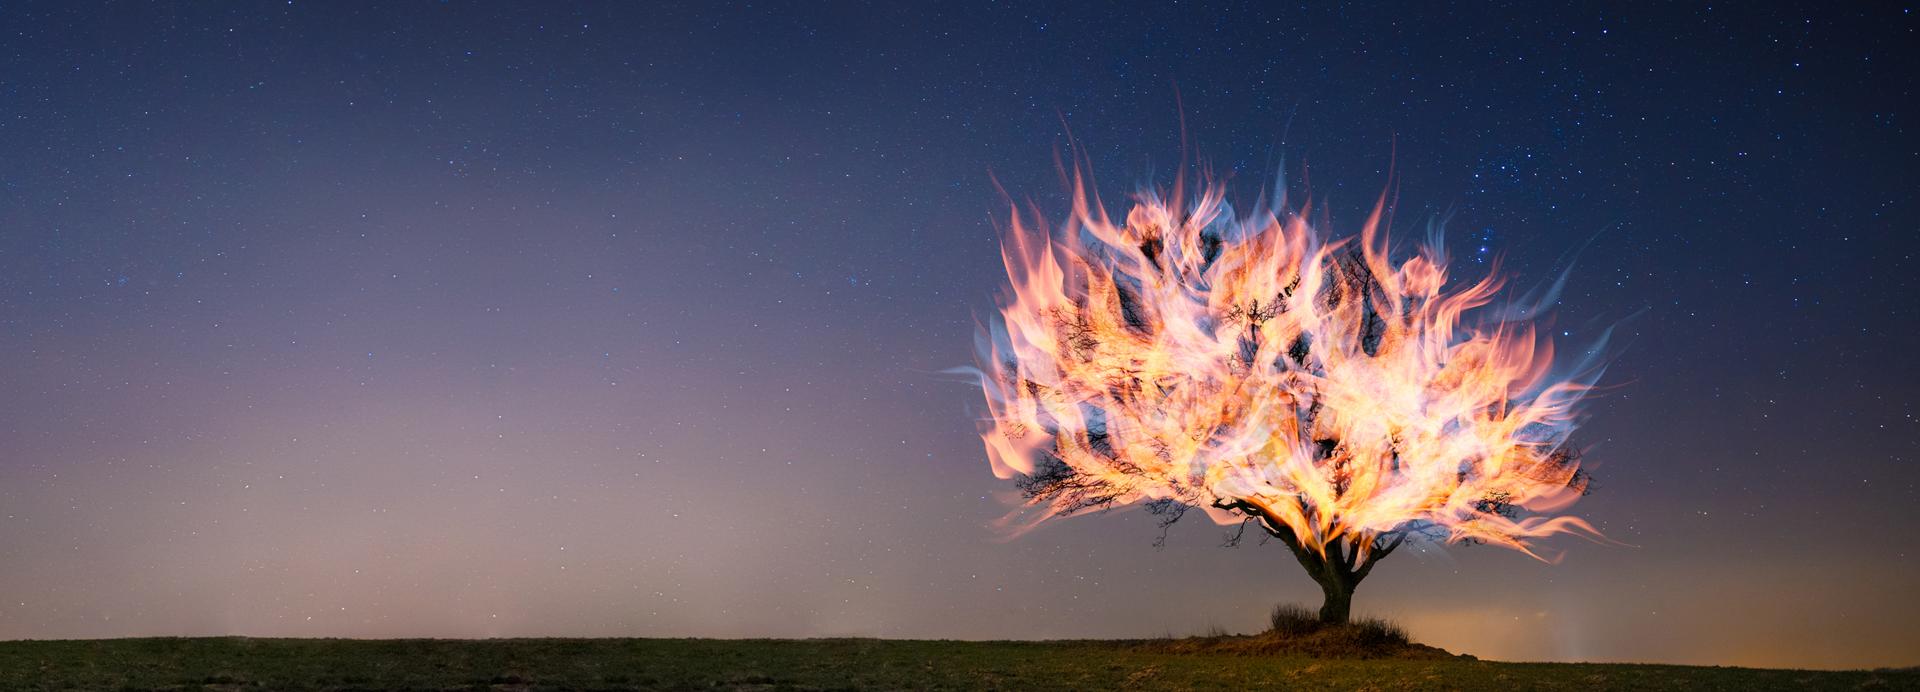 Burning Bush.jpg